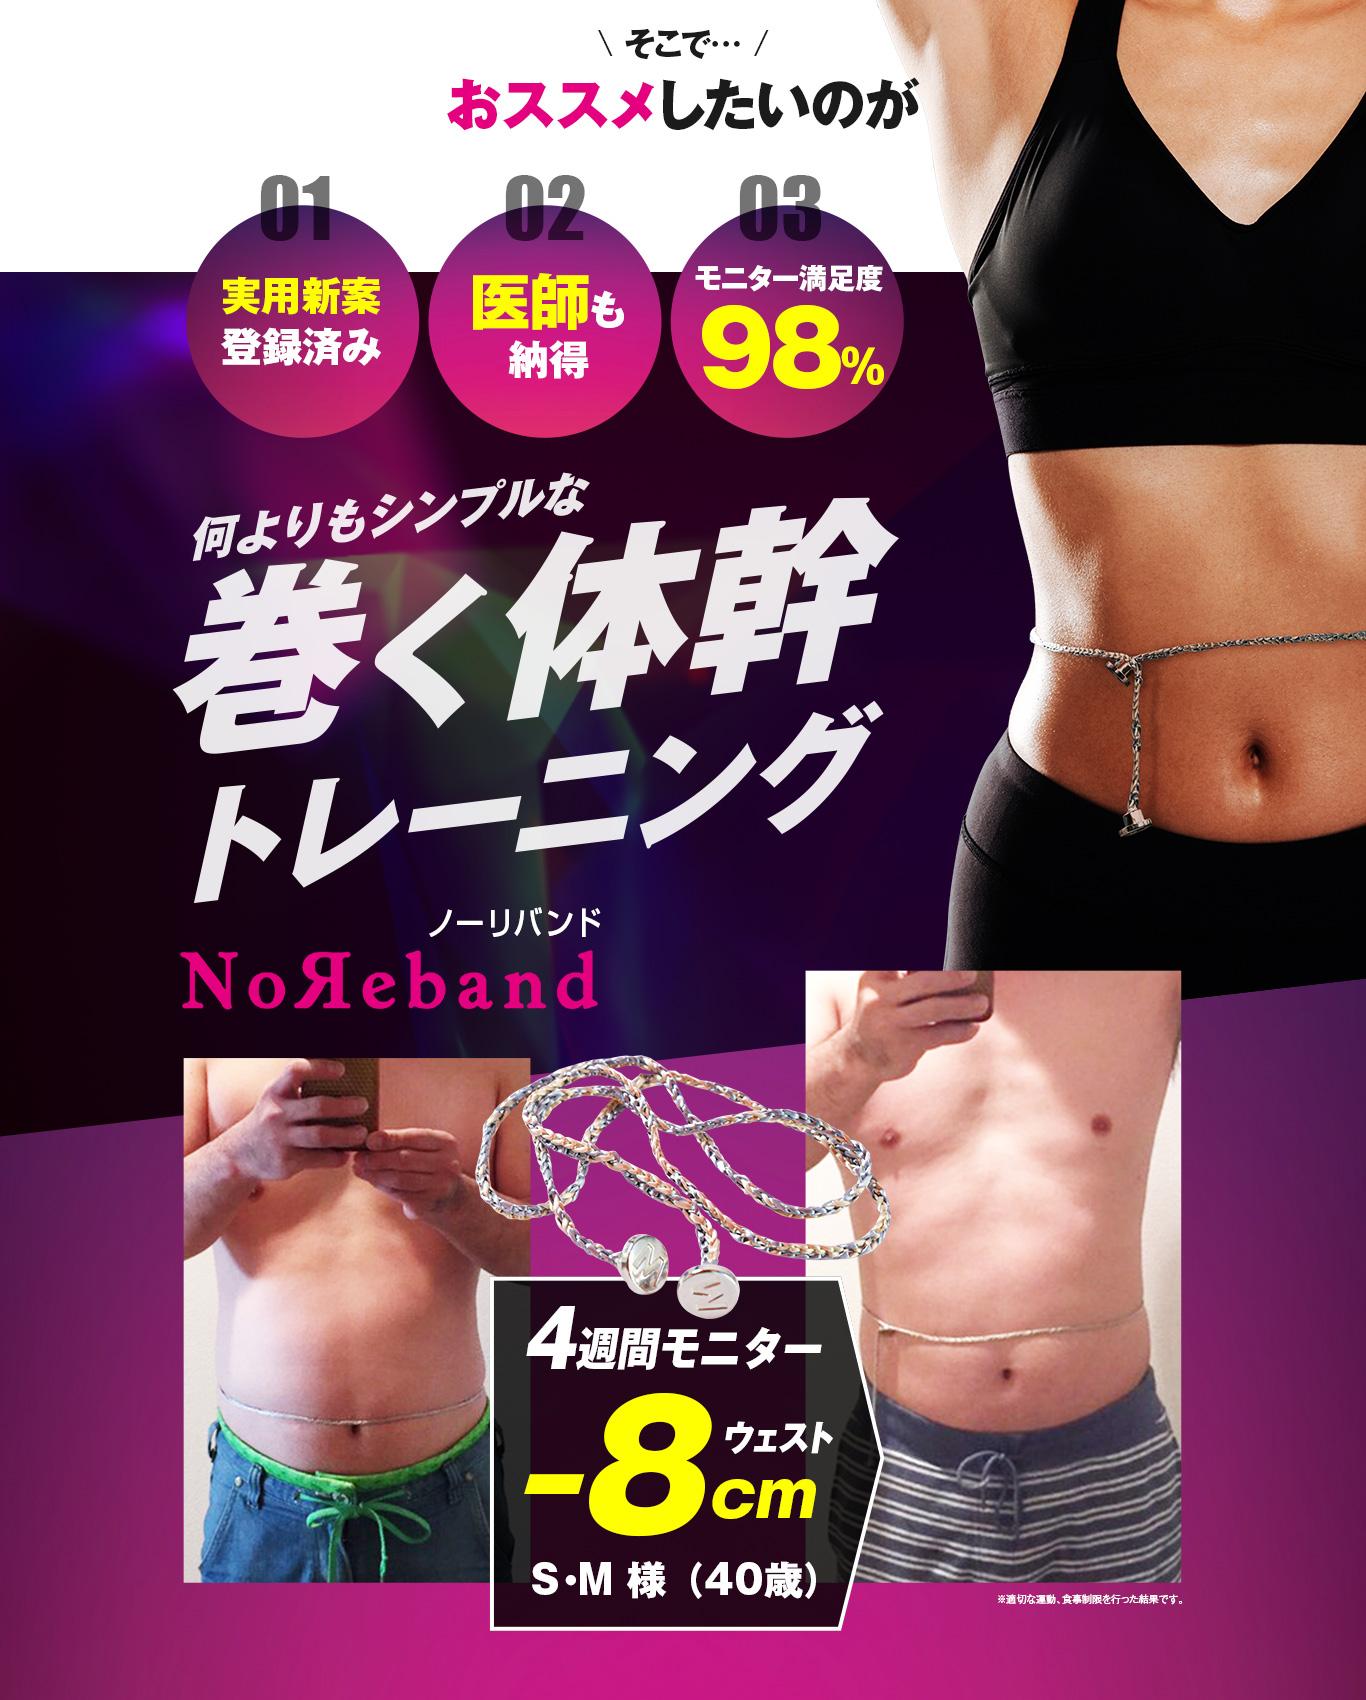 ノーリバンド そこでおススメしたいのが、何よりもシンプルな巻く体幹トレーニング